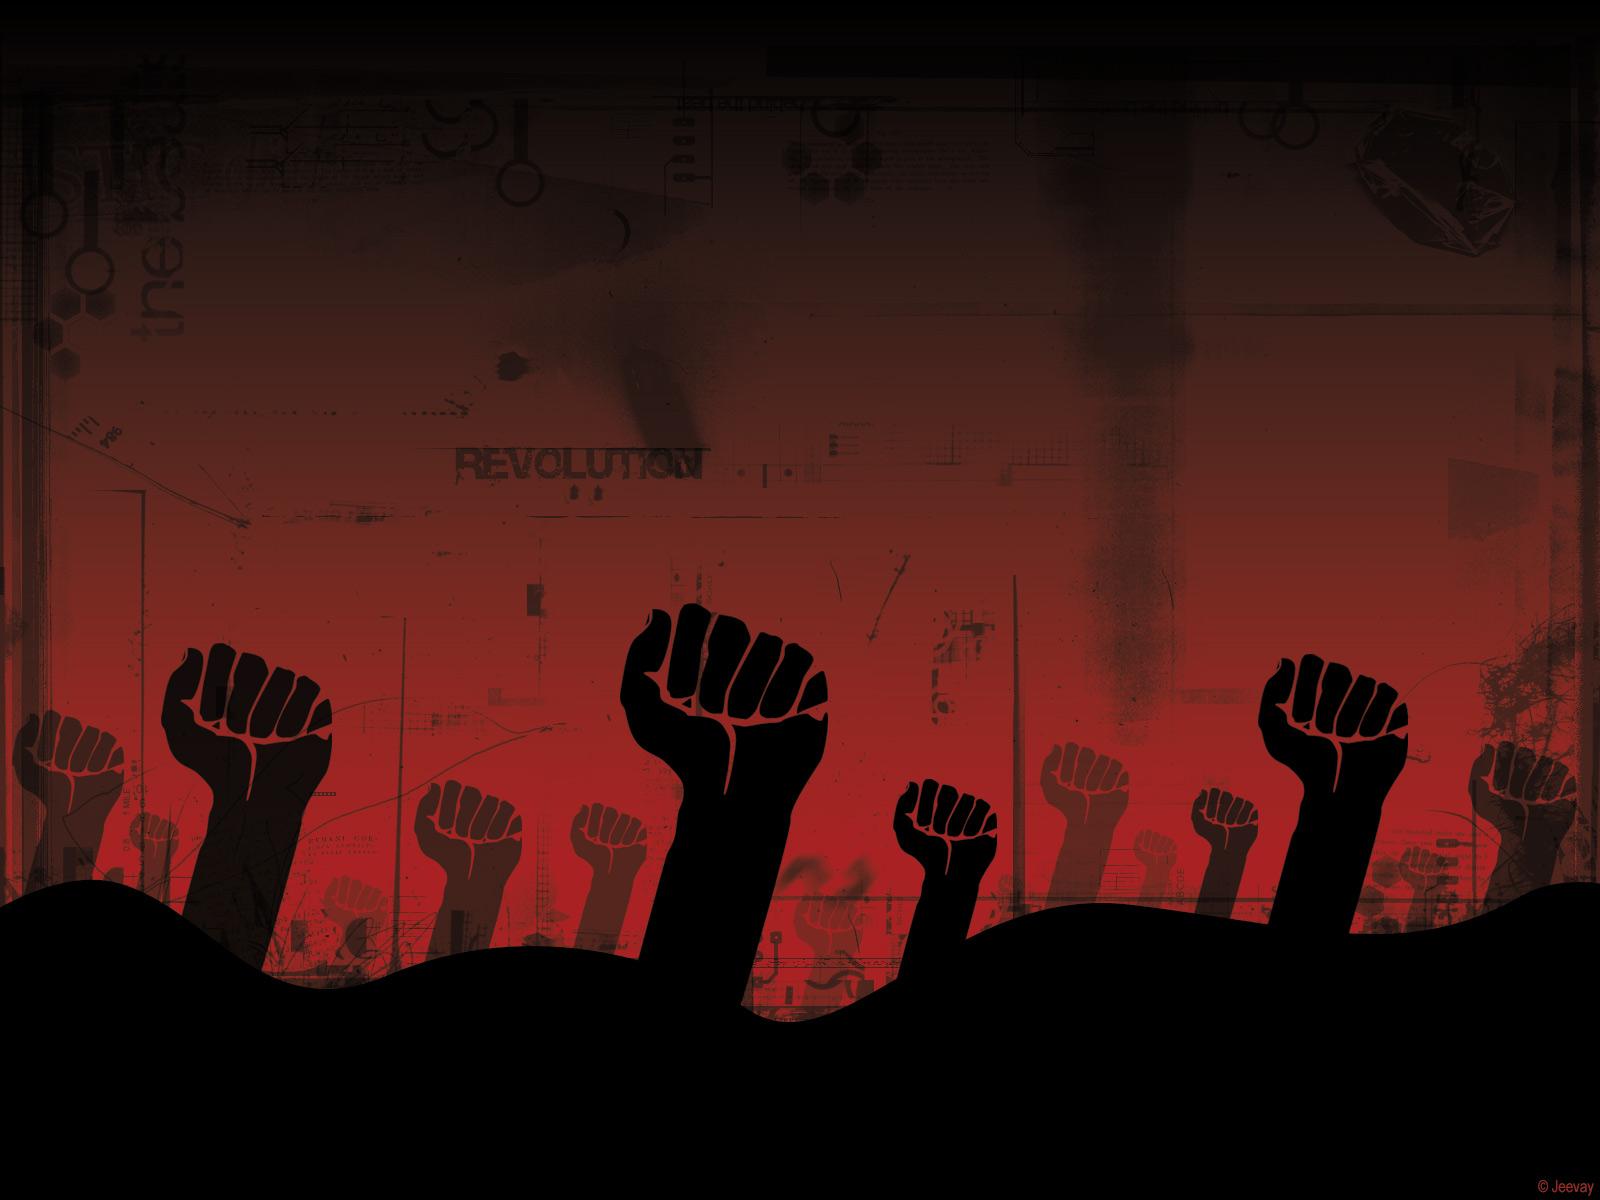 - Revolution Wallpaper -